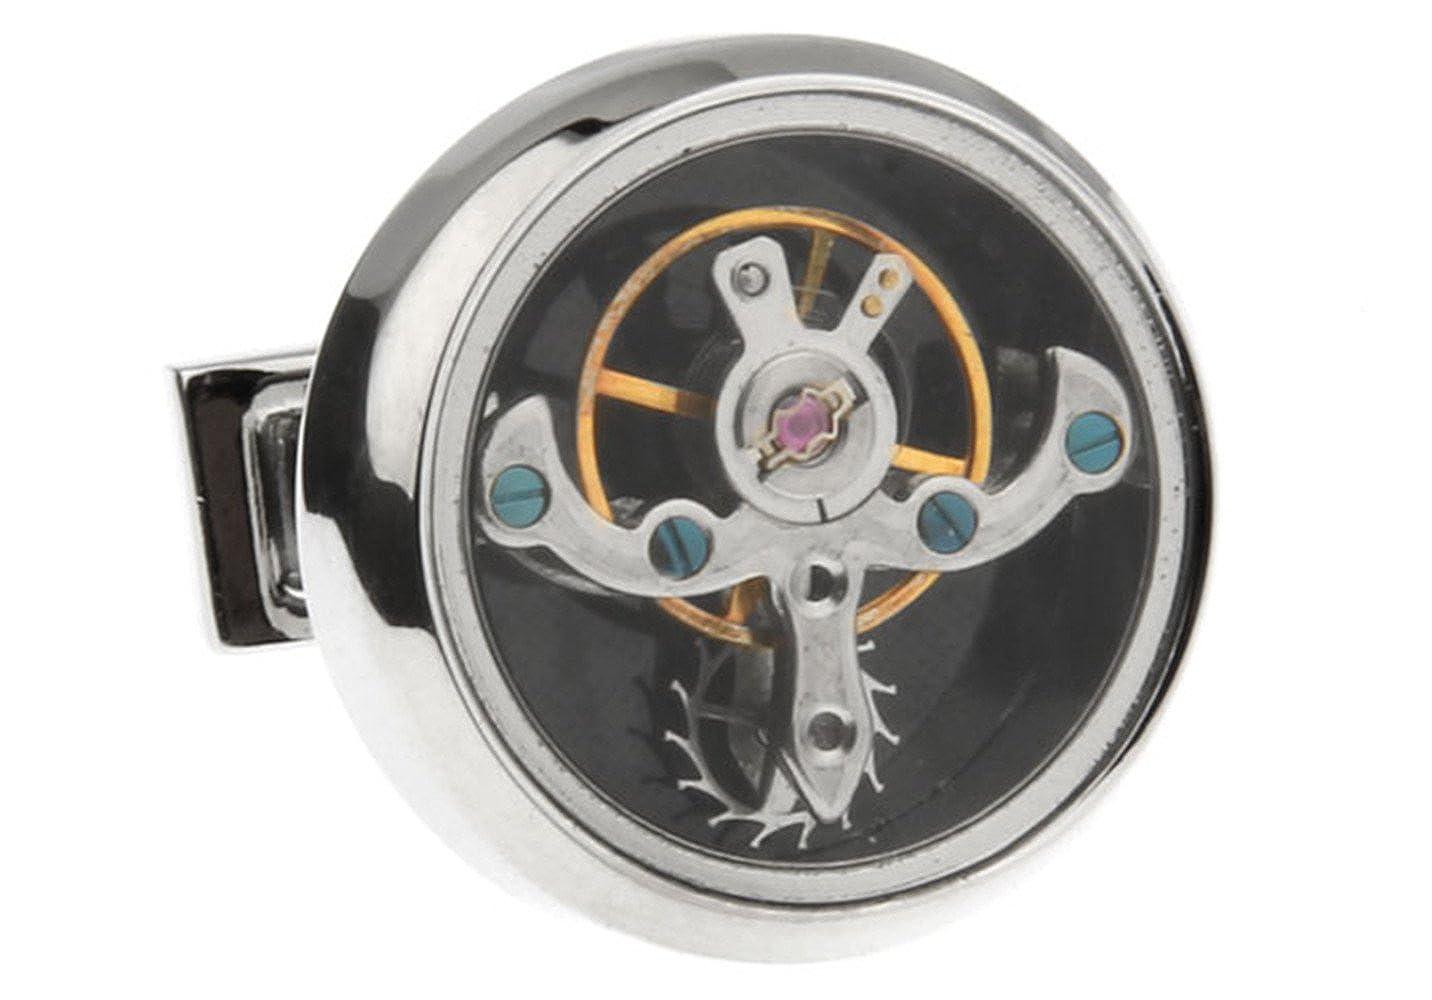 ヴィンテージ スチームパンク 時計 カフスボタン 機械式時計 ムーブメント カフスボタン メンズ 7種類のスタイル ギフトボックス付き トゥールビヨン-5  B01DZL1APY